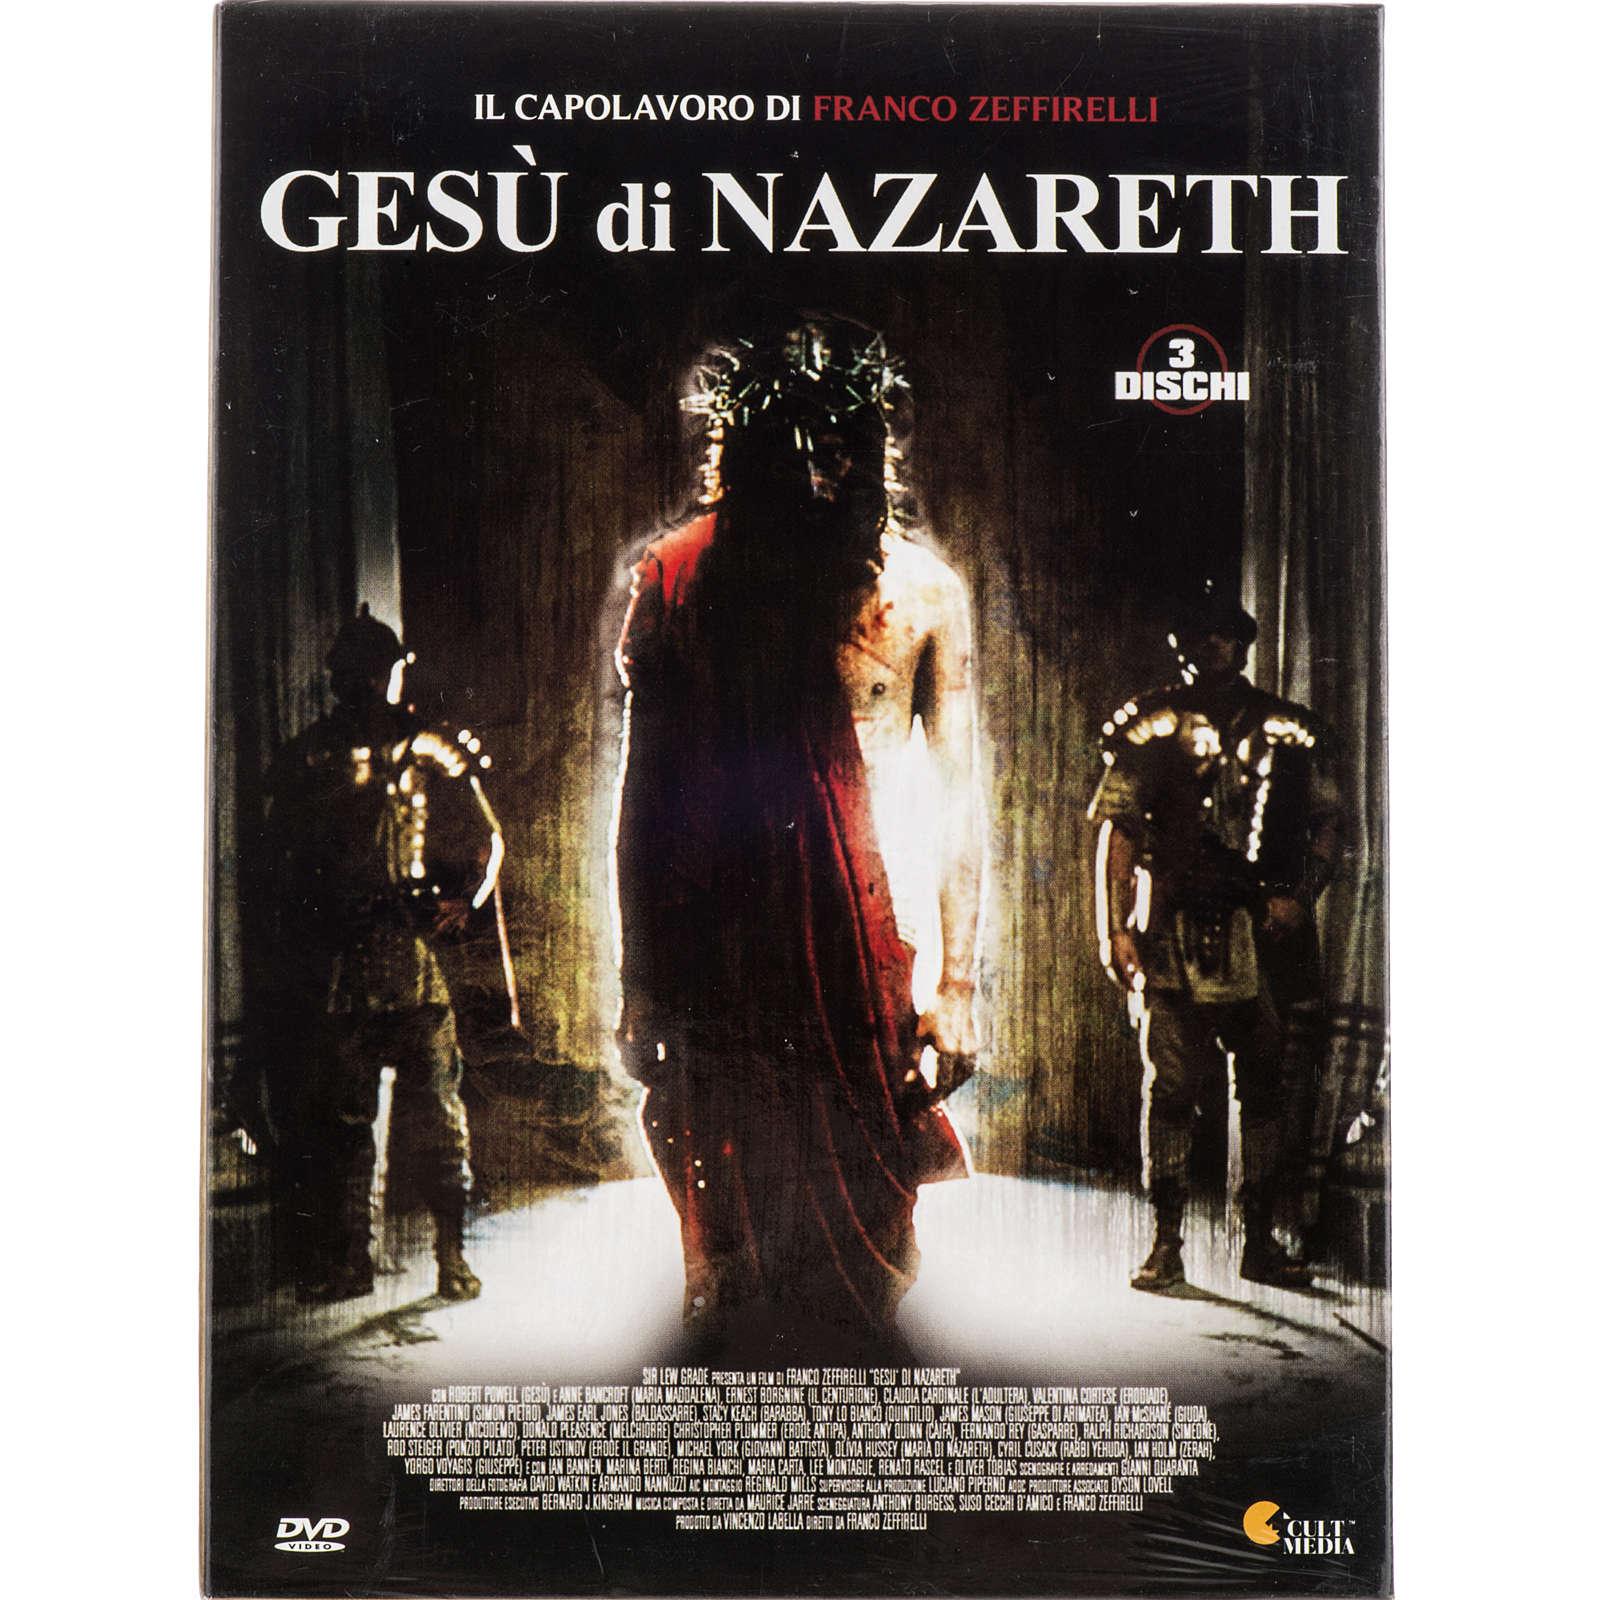 Gesù di Nazareth - 3 DVD 3